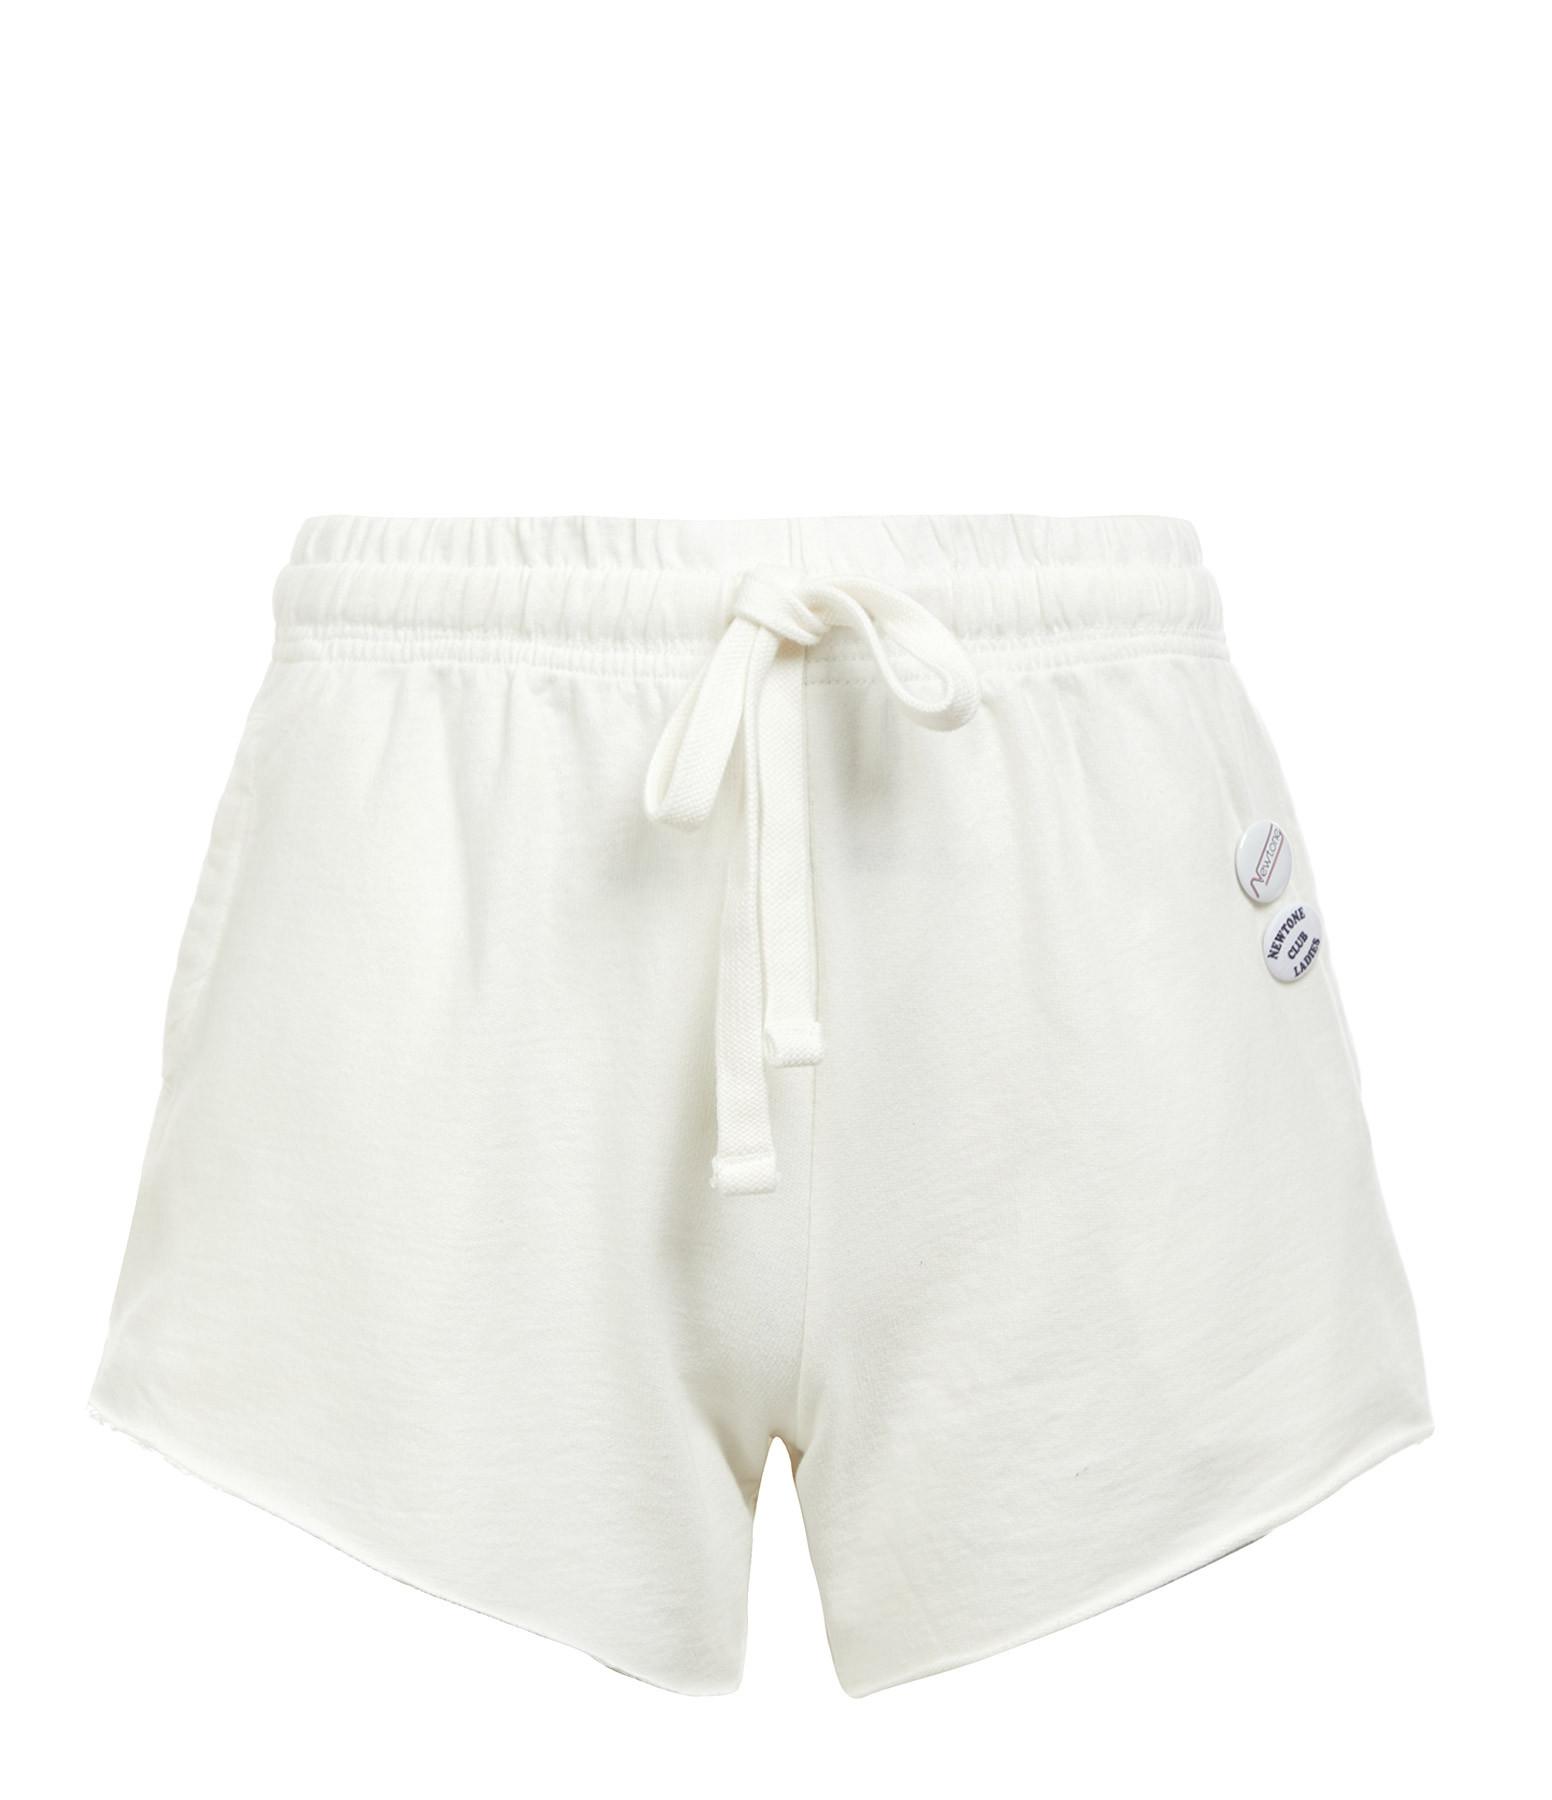 NEWTONE - Short Plain Coton Écru